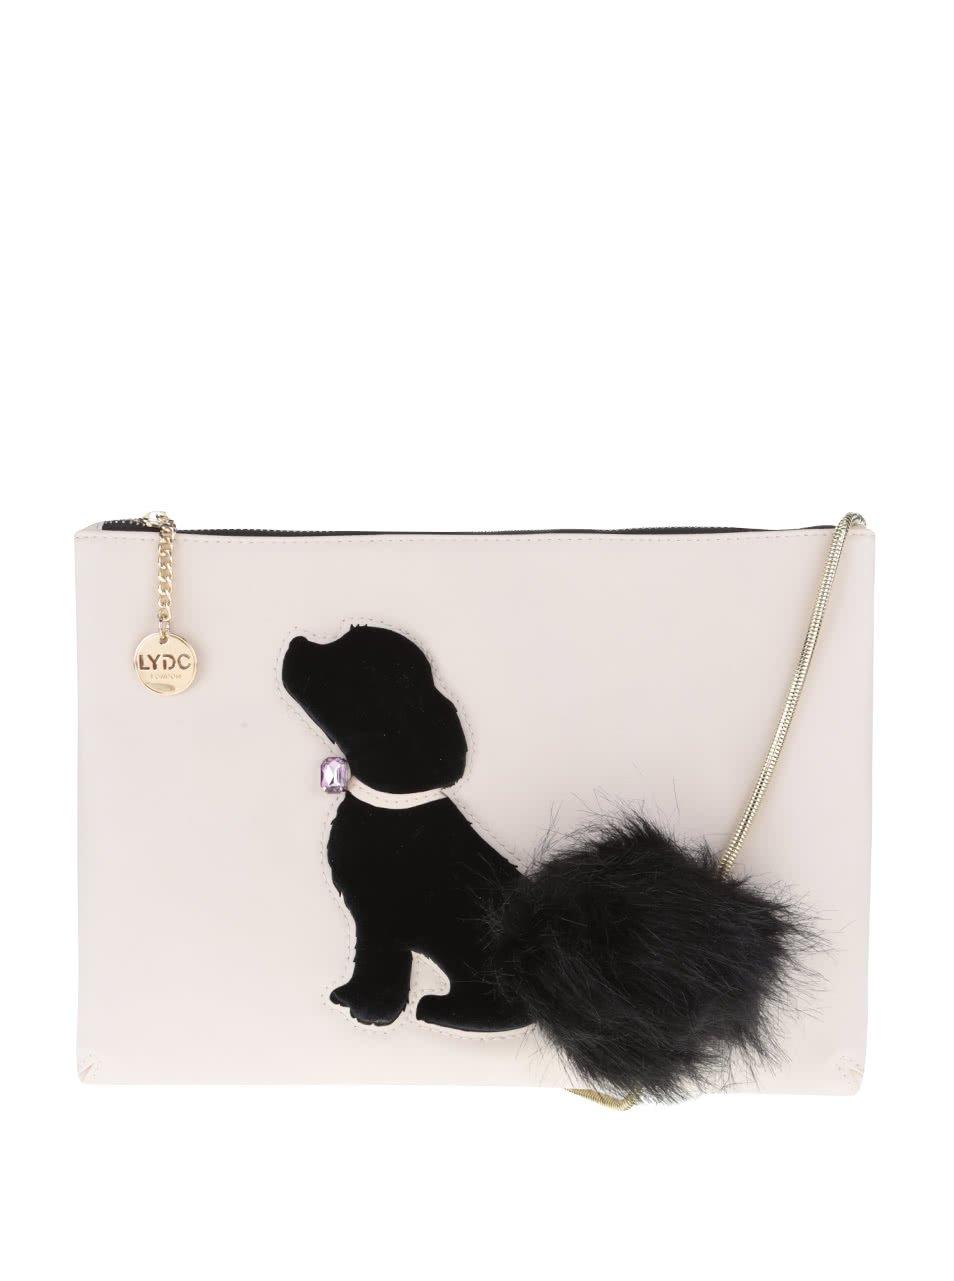 Starorůžová crossbody kabelka s černým plastickým motivem psa a aplikací LYDC